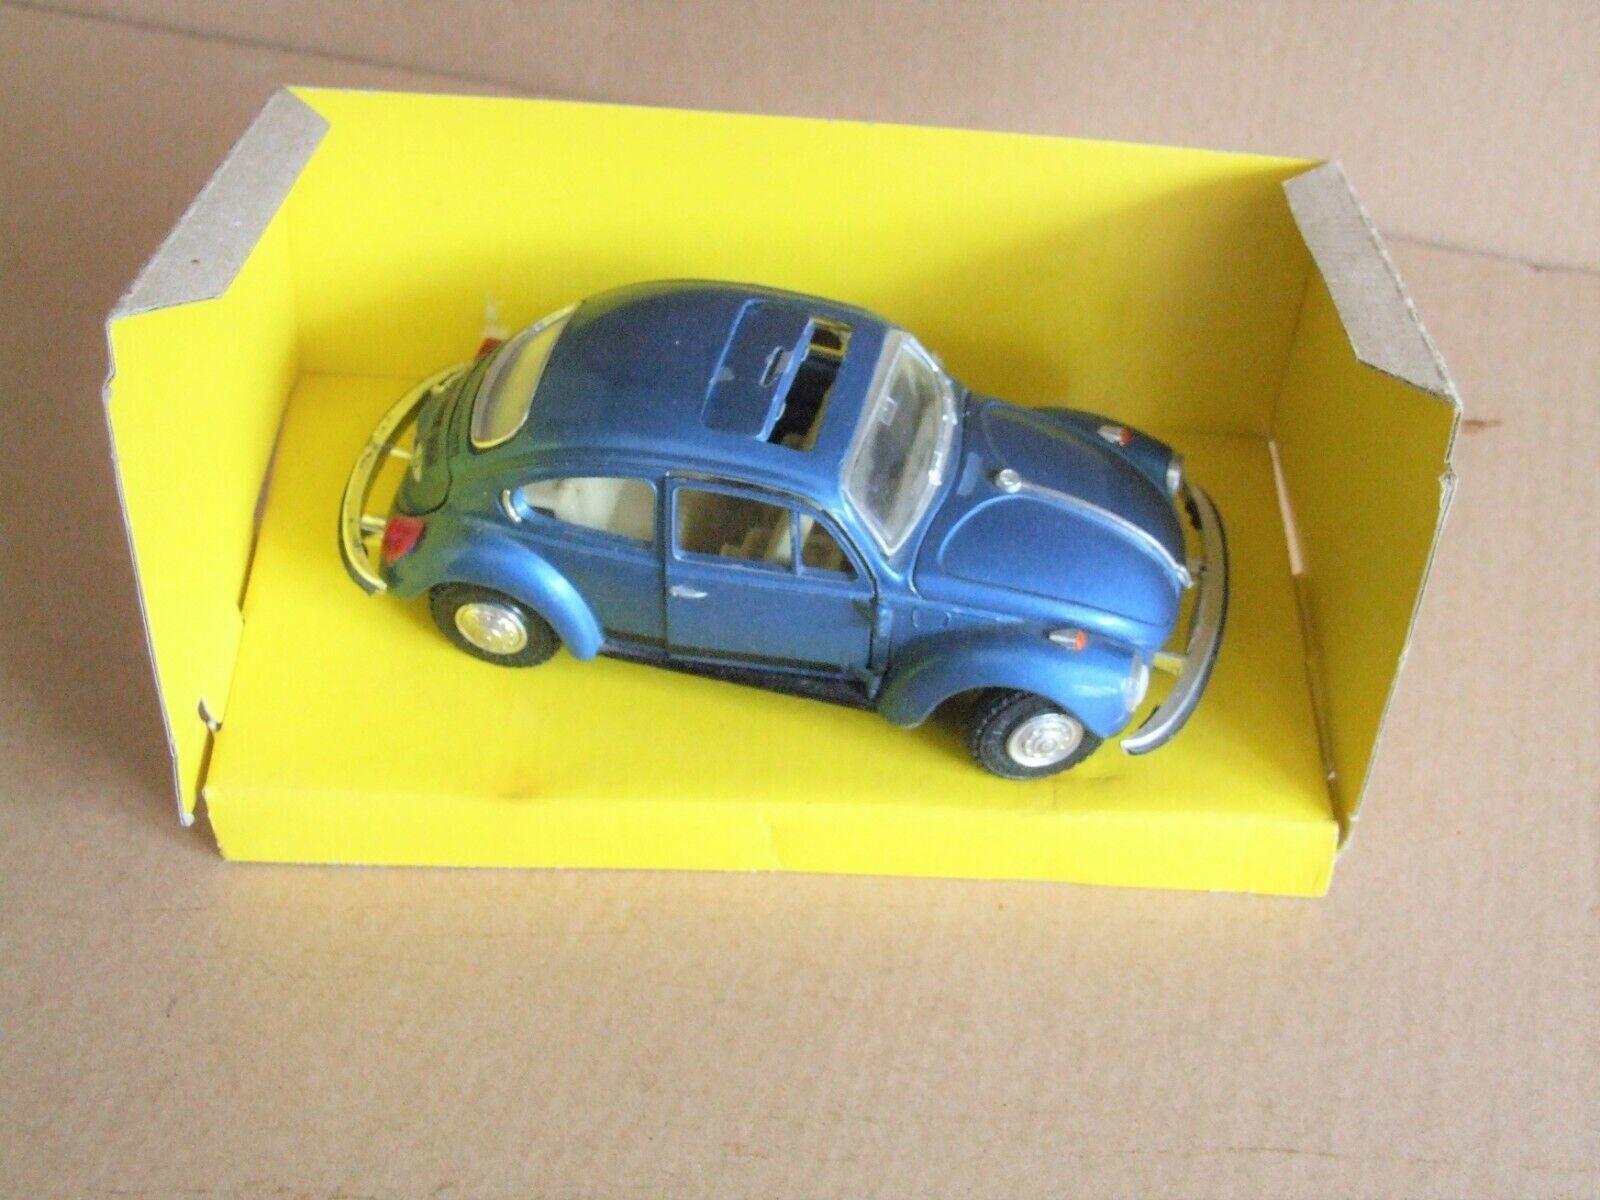 comprar ahora Gama Gama Gama súper 2101 VW 1303 S VOLKSWAGEN  tienda en linea